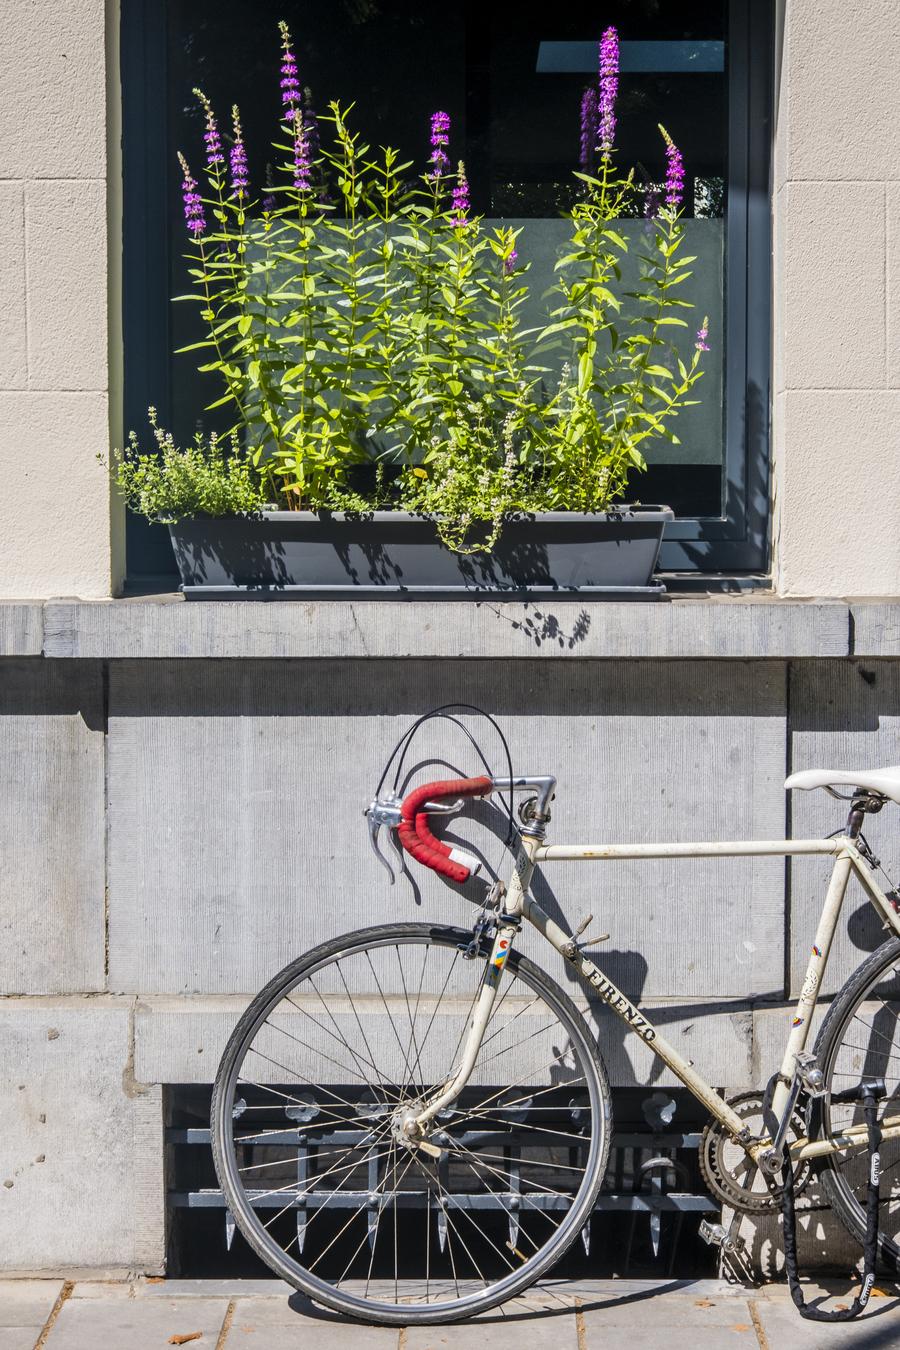 voorgevel woning met bloembak en fiets